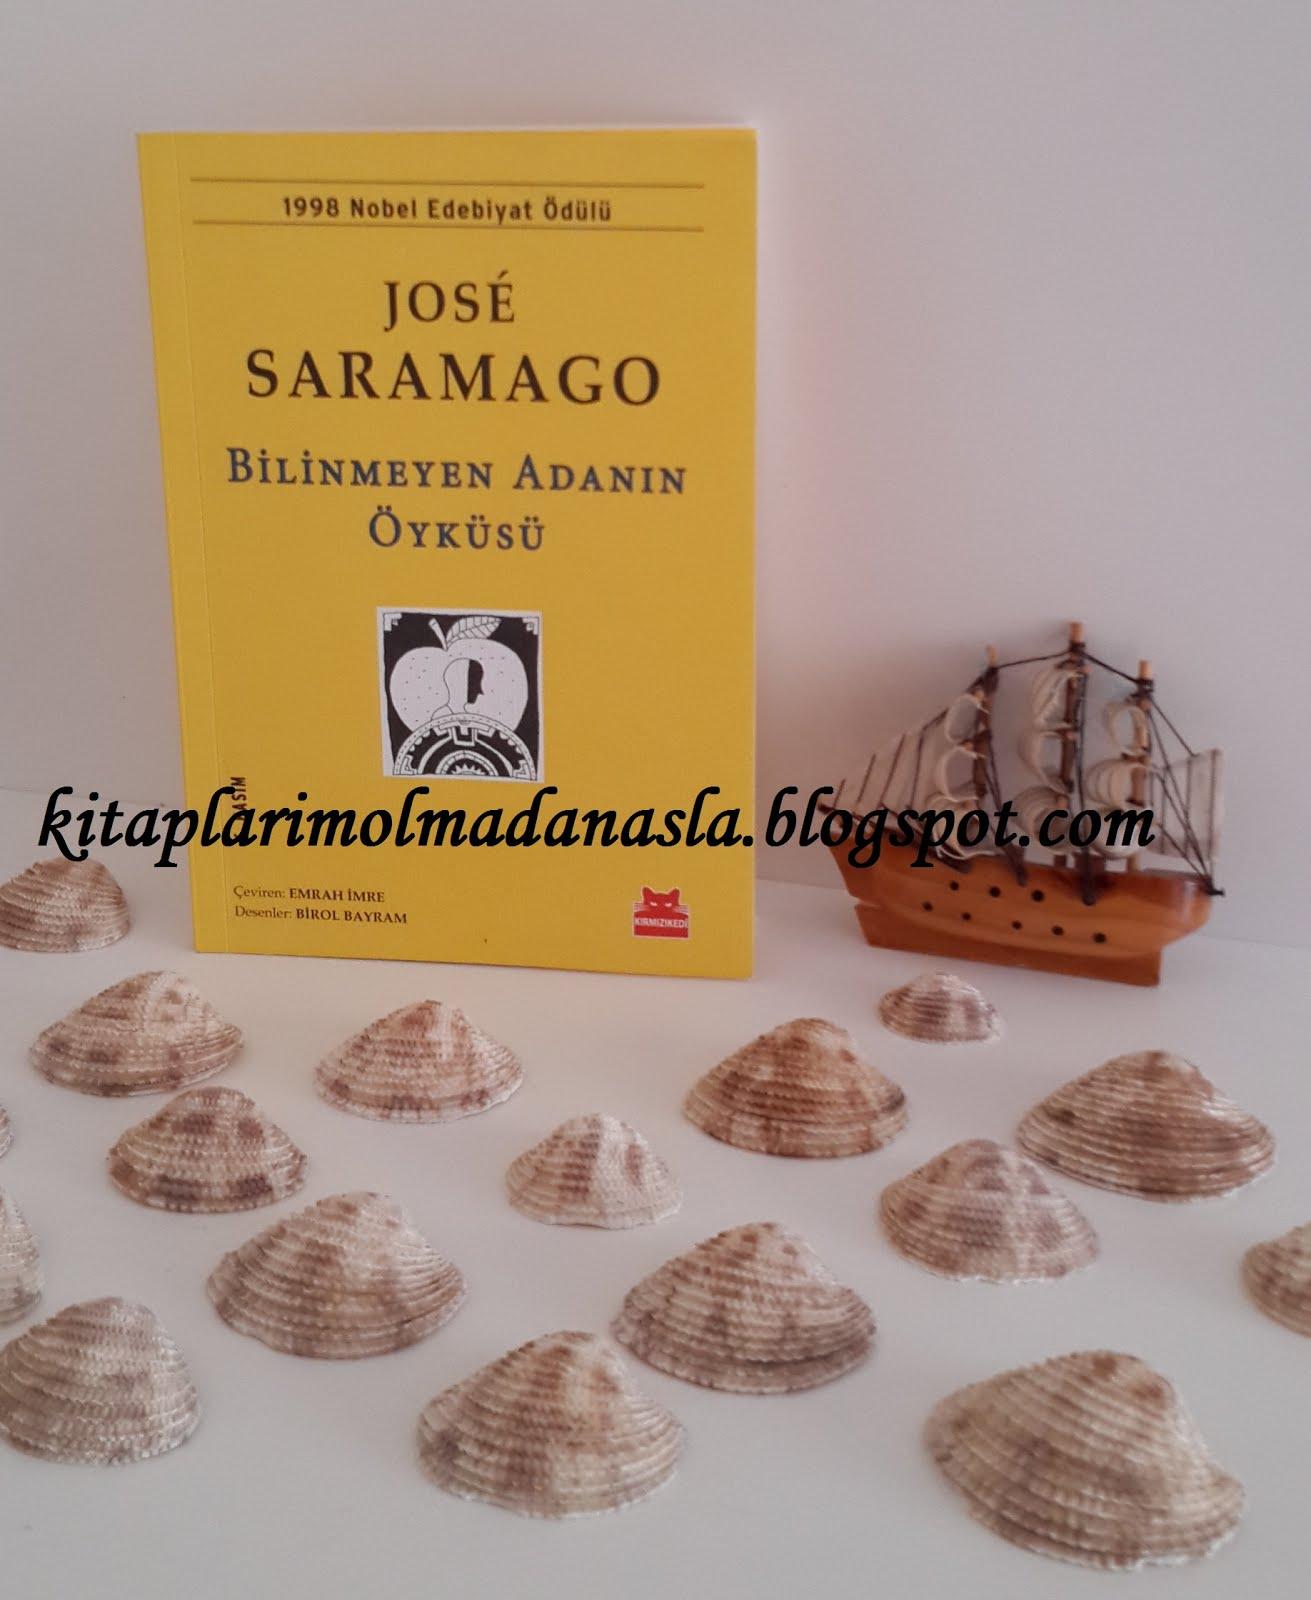 JOSE SARAMAGO - BİLİNMEYEN ADANIN ÖYKÜSÜ